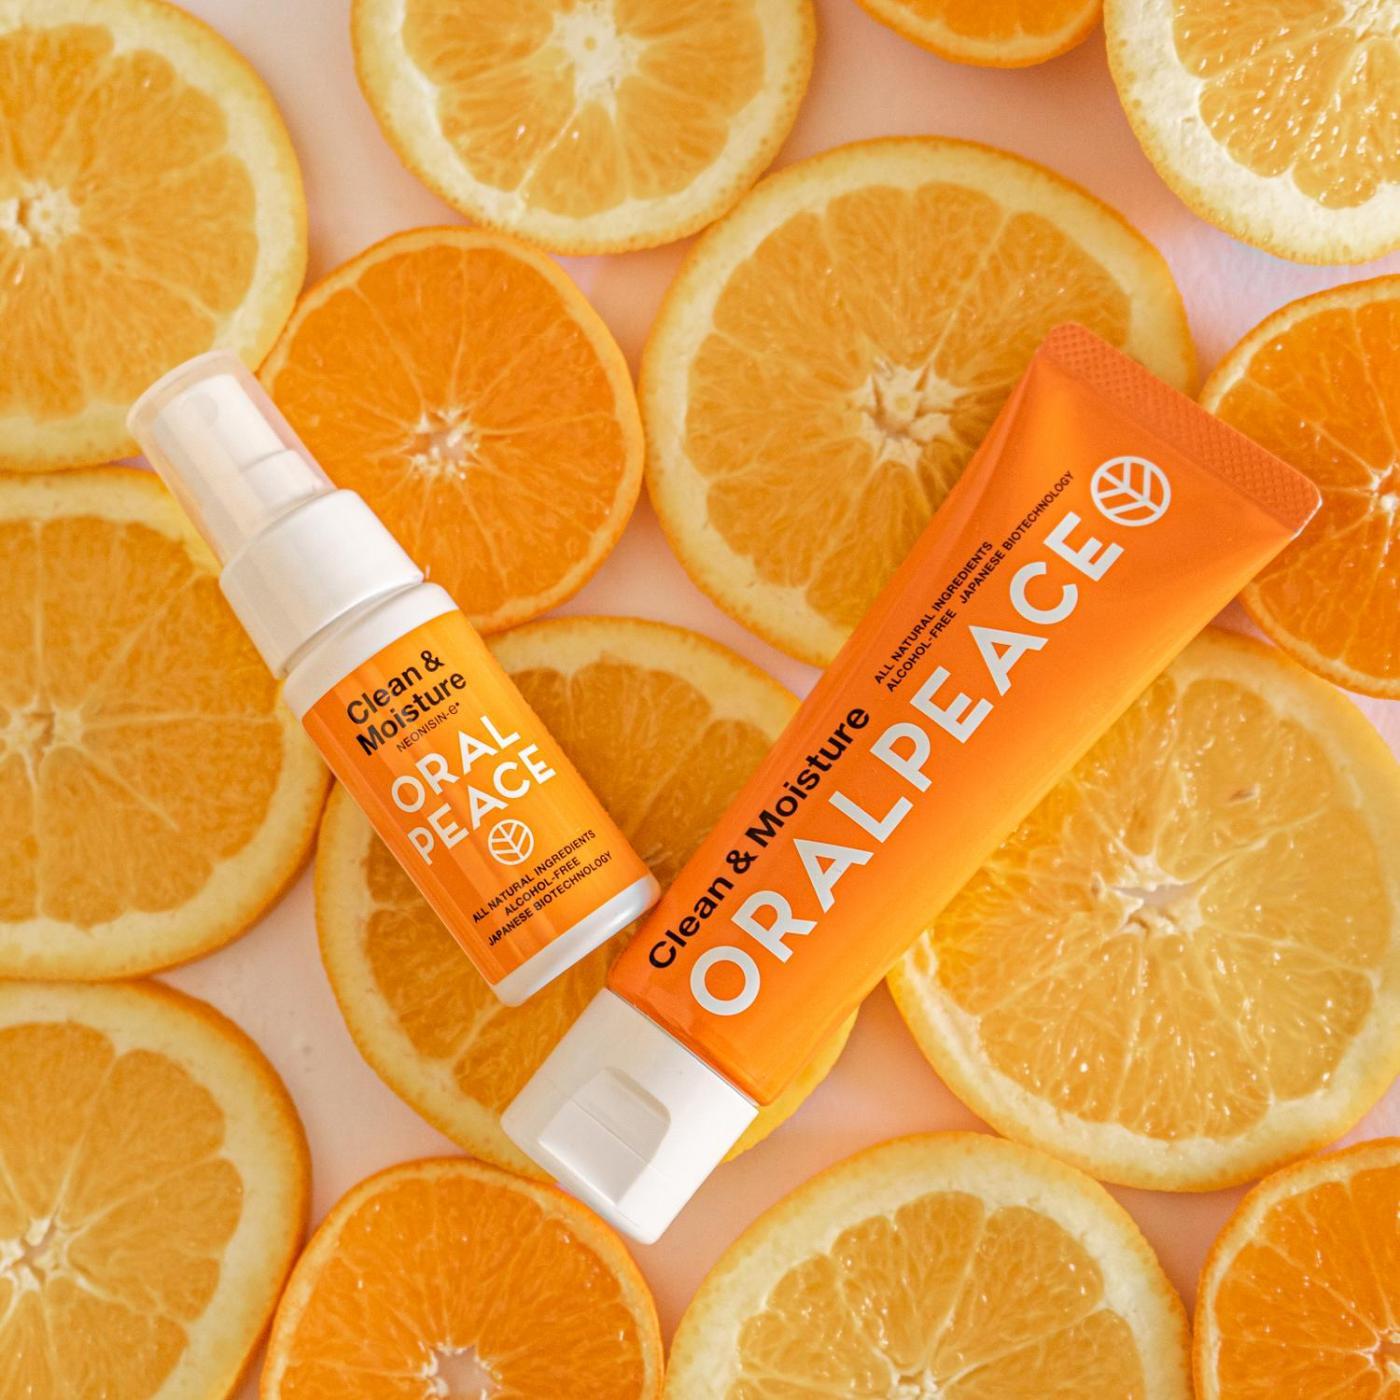 oralpeace, természetes, szájápolás, szájvíz, fogkrém, neonisin-e, antibakteriális, lenyelhető, rúzs és más, profimed